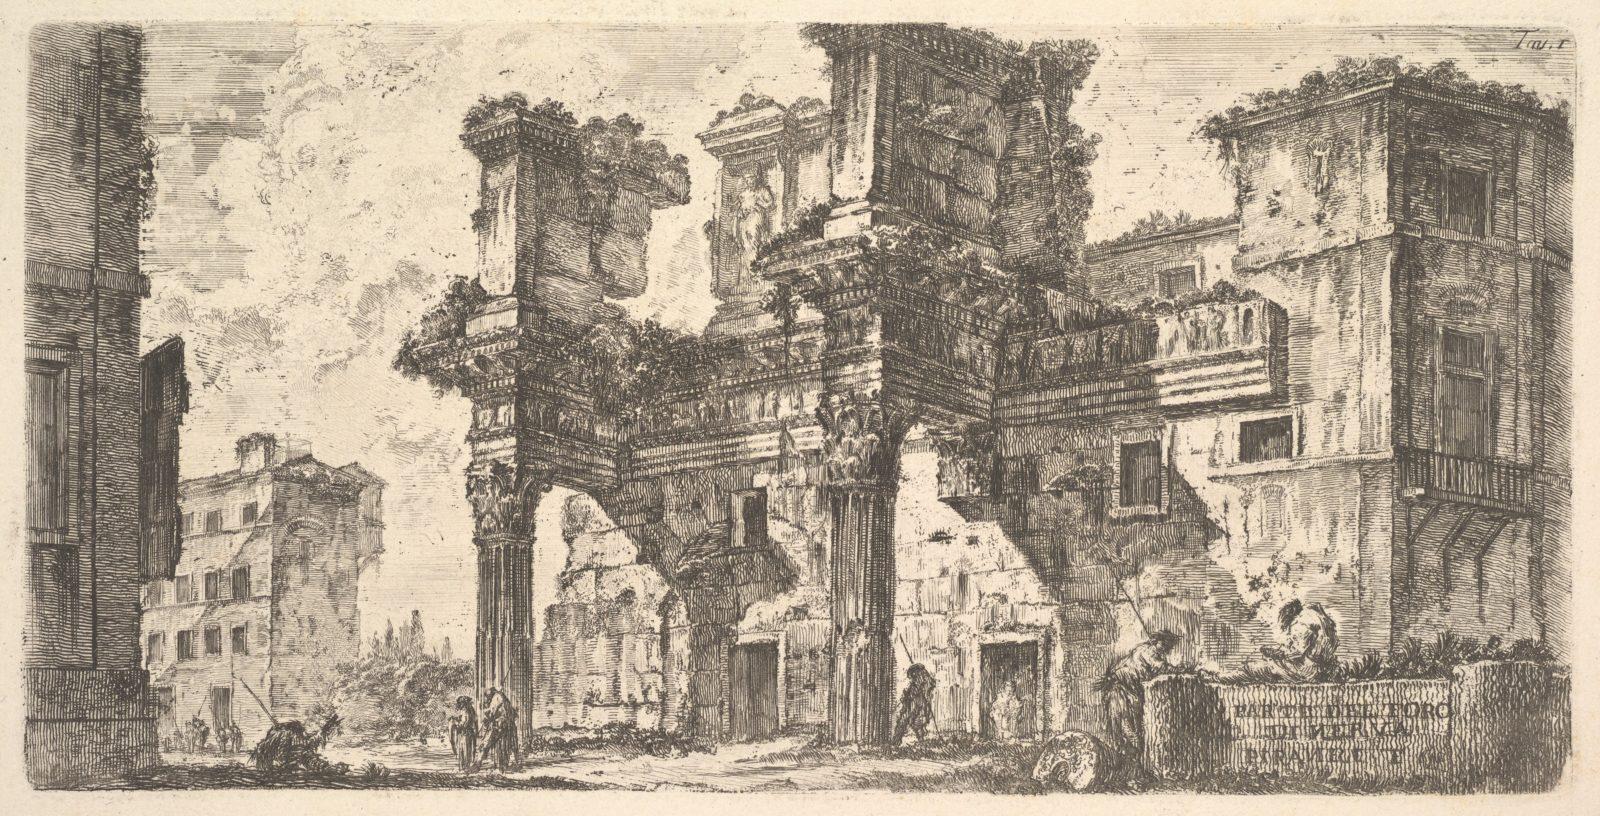 Plate 1: Part of the Forum of Nerva (Parte del Foro di Nerva)